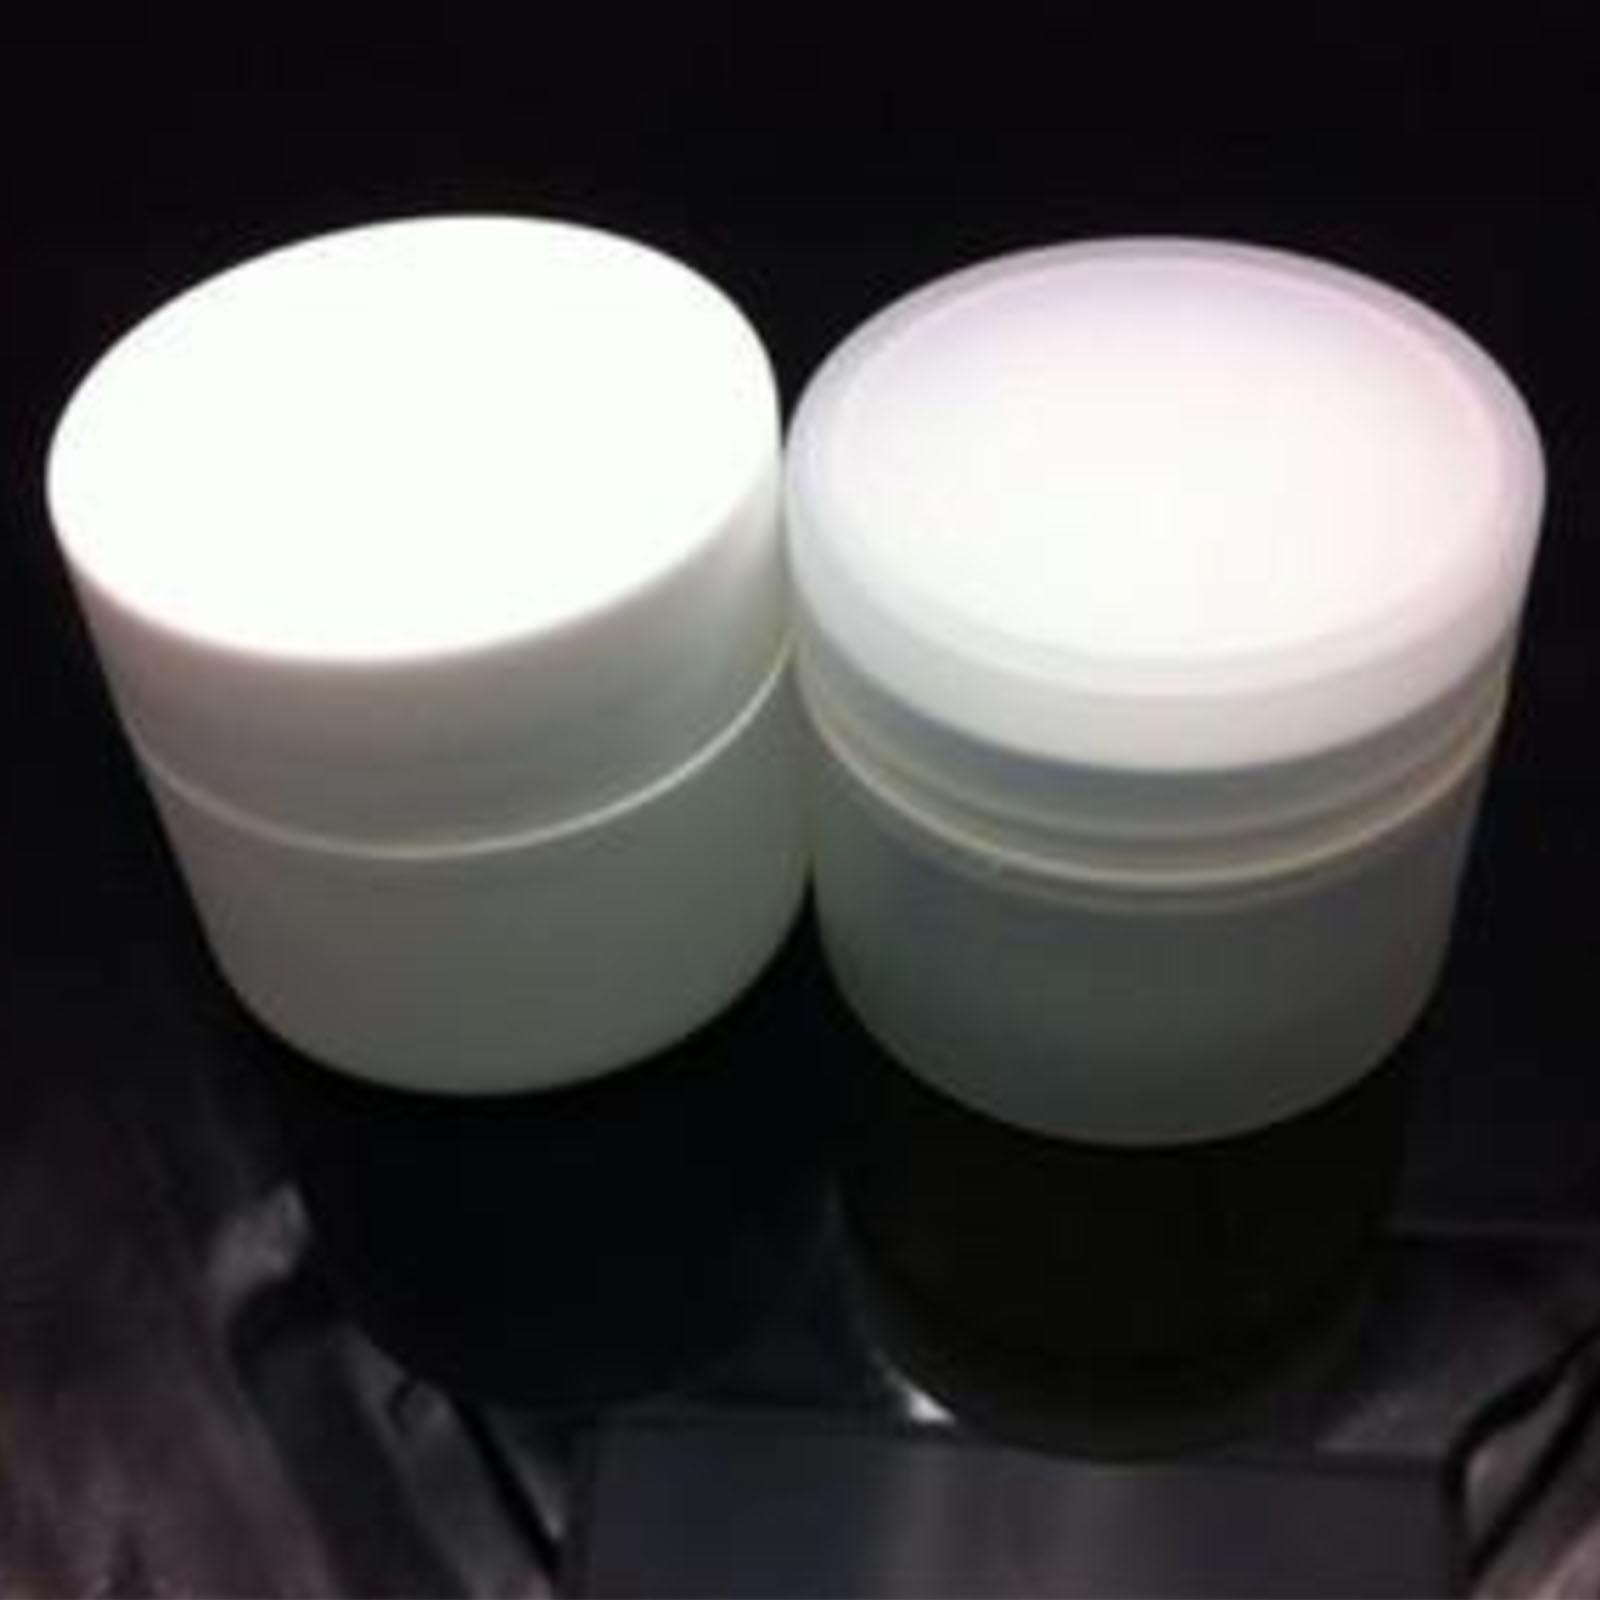 注塑级降解材料应用-化妆品包装瓶.jpg